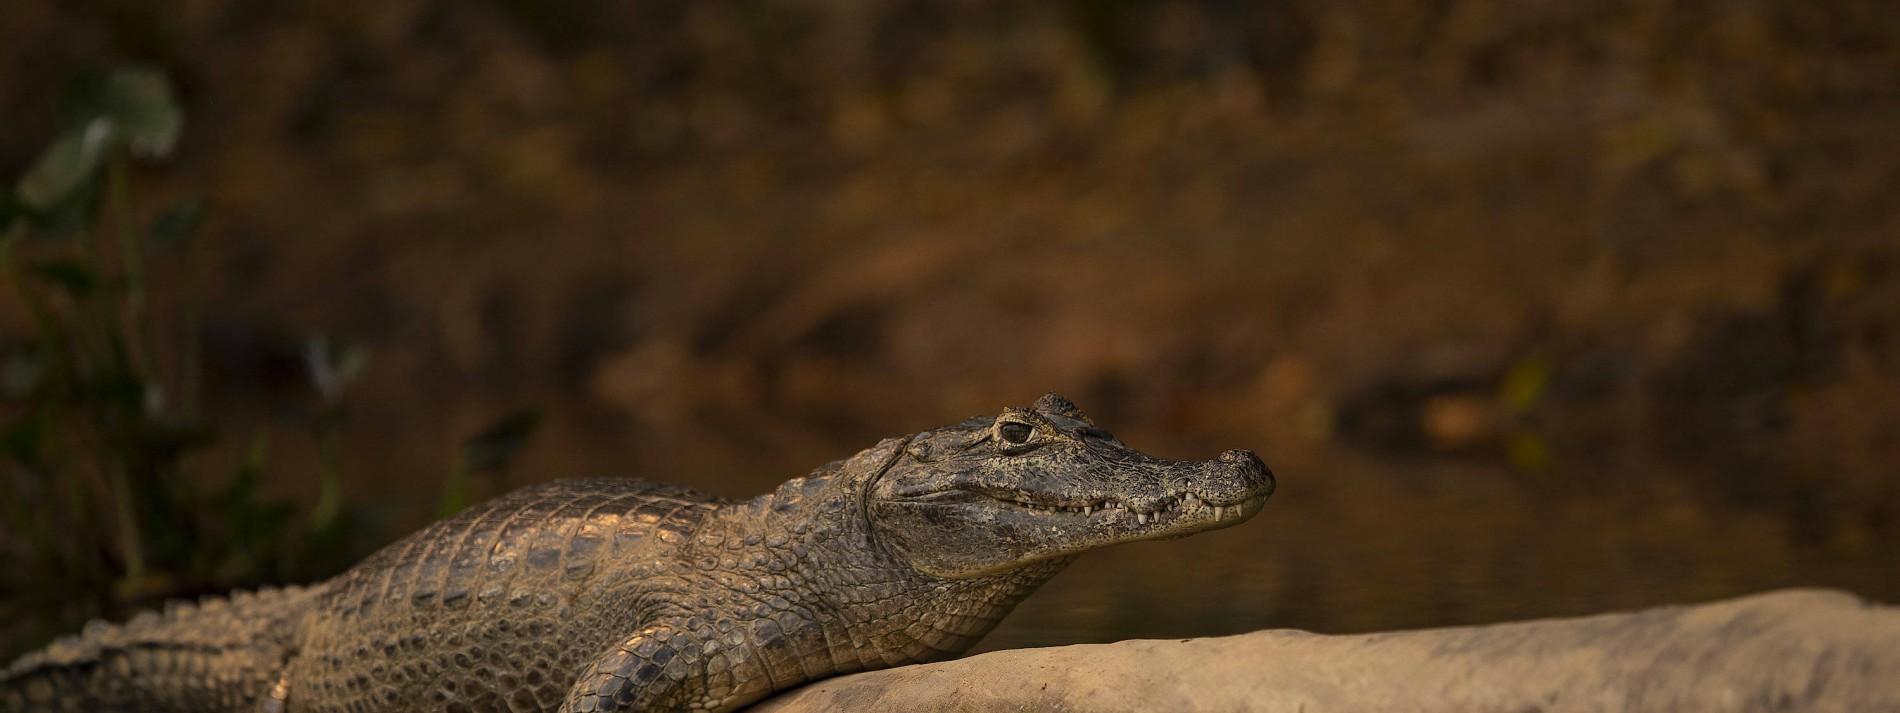 74 Jahre alter Mann befreit Welpen aus dem Maul eines Alligators